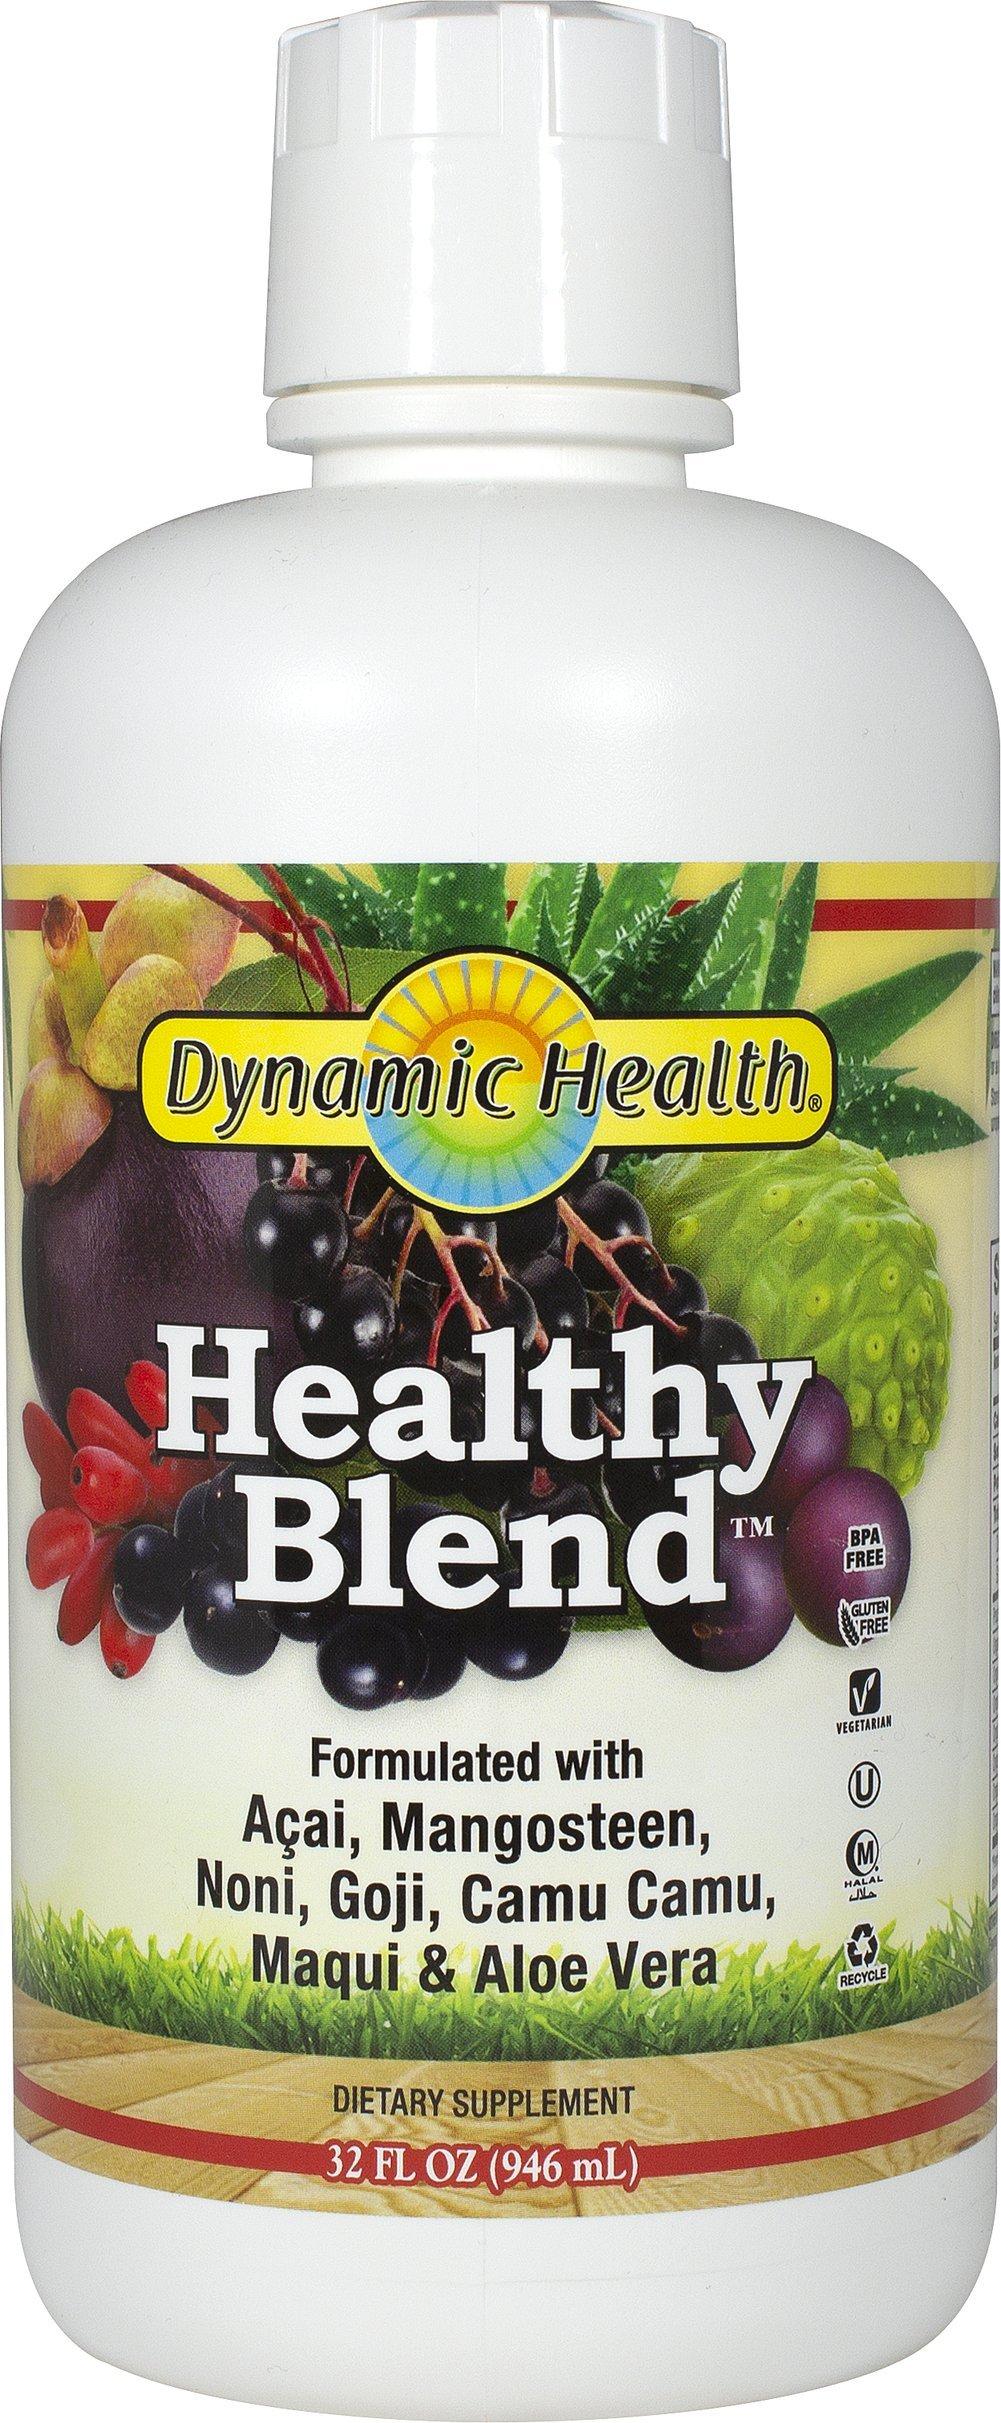 Dynamic Health Healthy Blend Juice - 32 fl oz by Dynamic Health